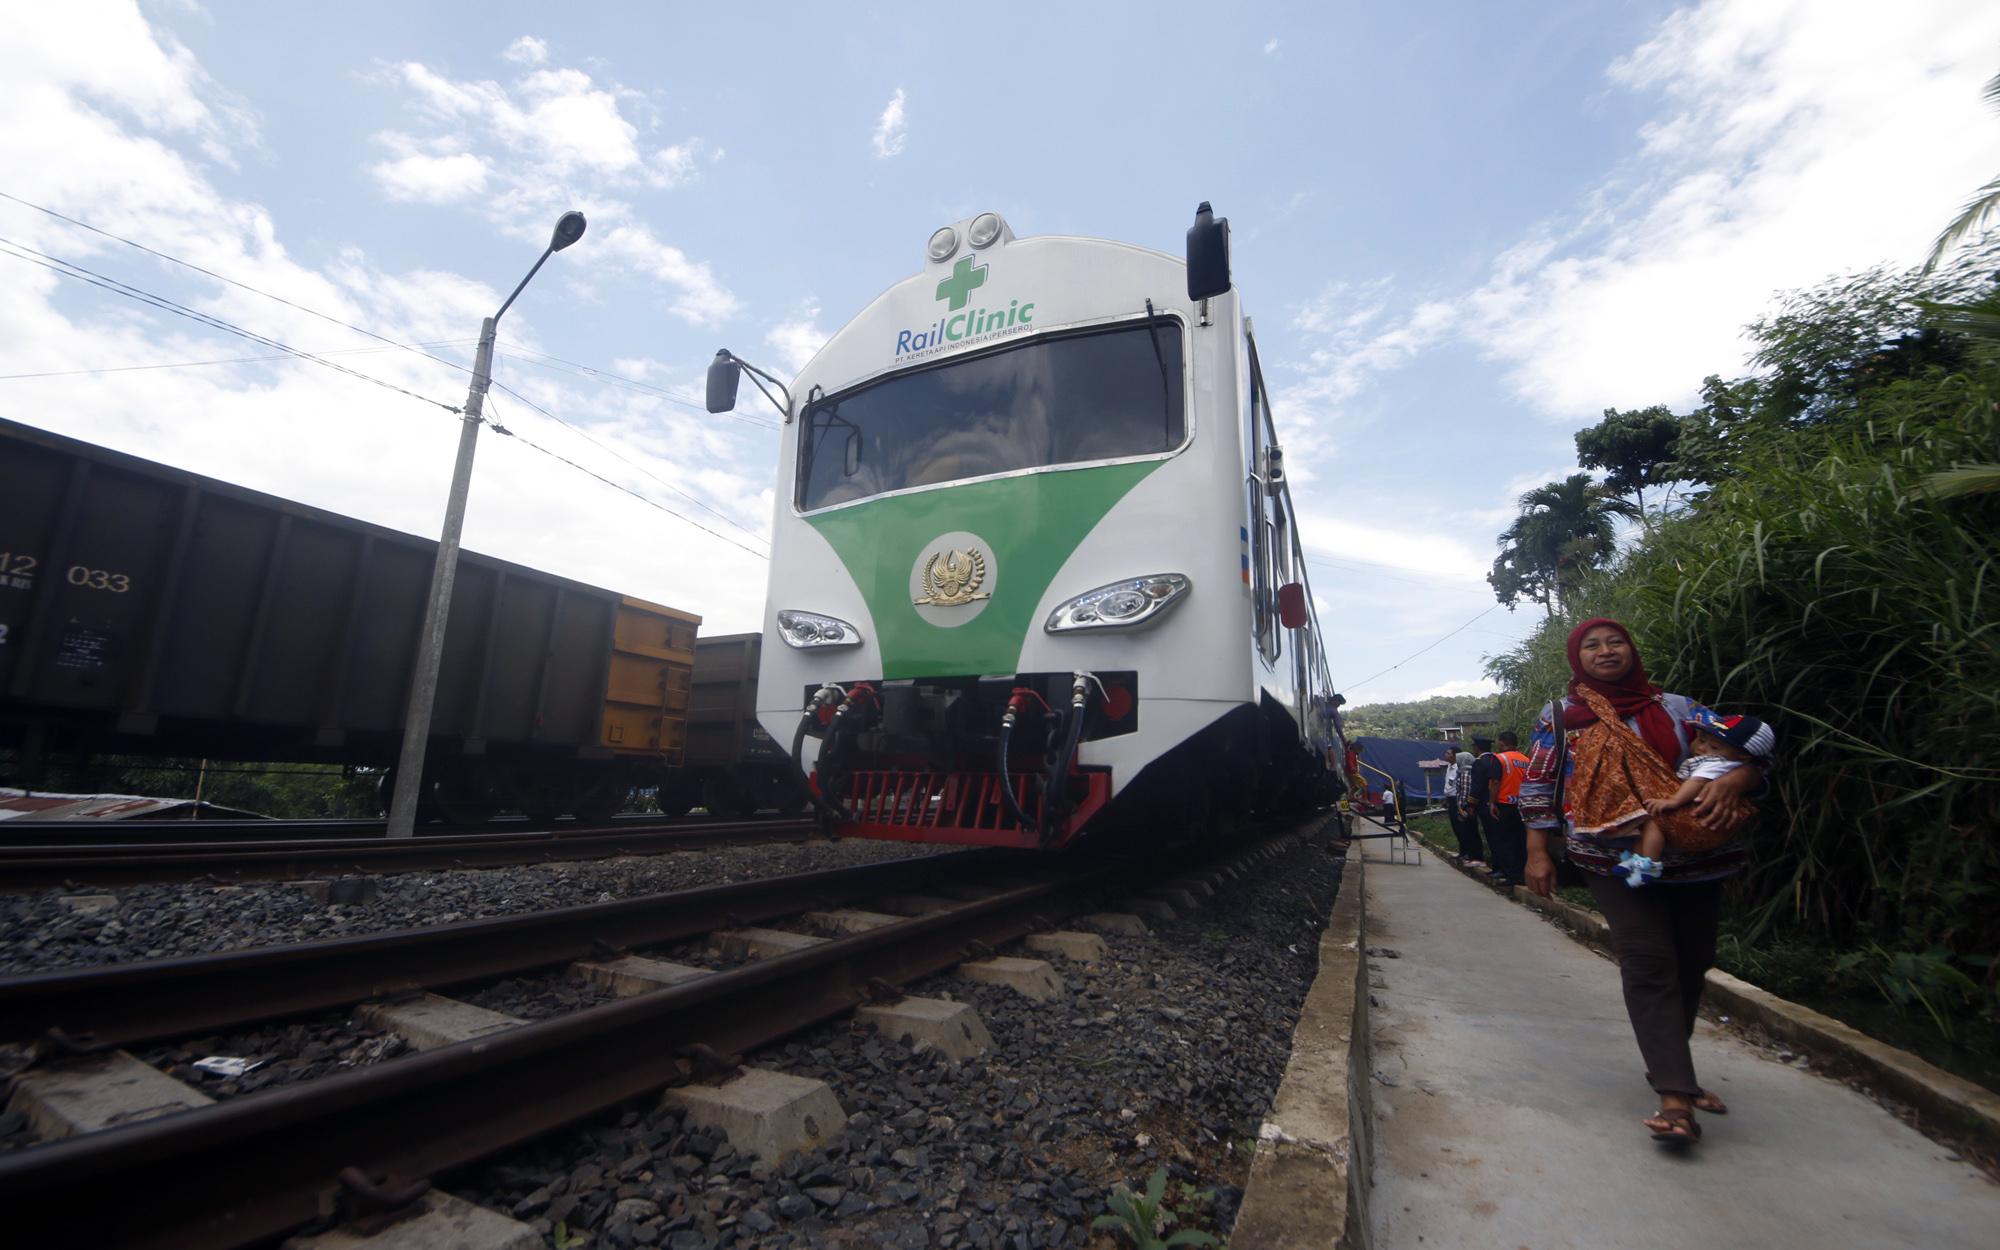 Ilustrasi - Kereta Rail Clinic mendatangi Stasiun Sukamenanti untuk memberikan pelayanan  kesehatan gratis kepada masyarakat sekitar. (Lampungnews/El Shinta)